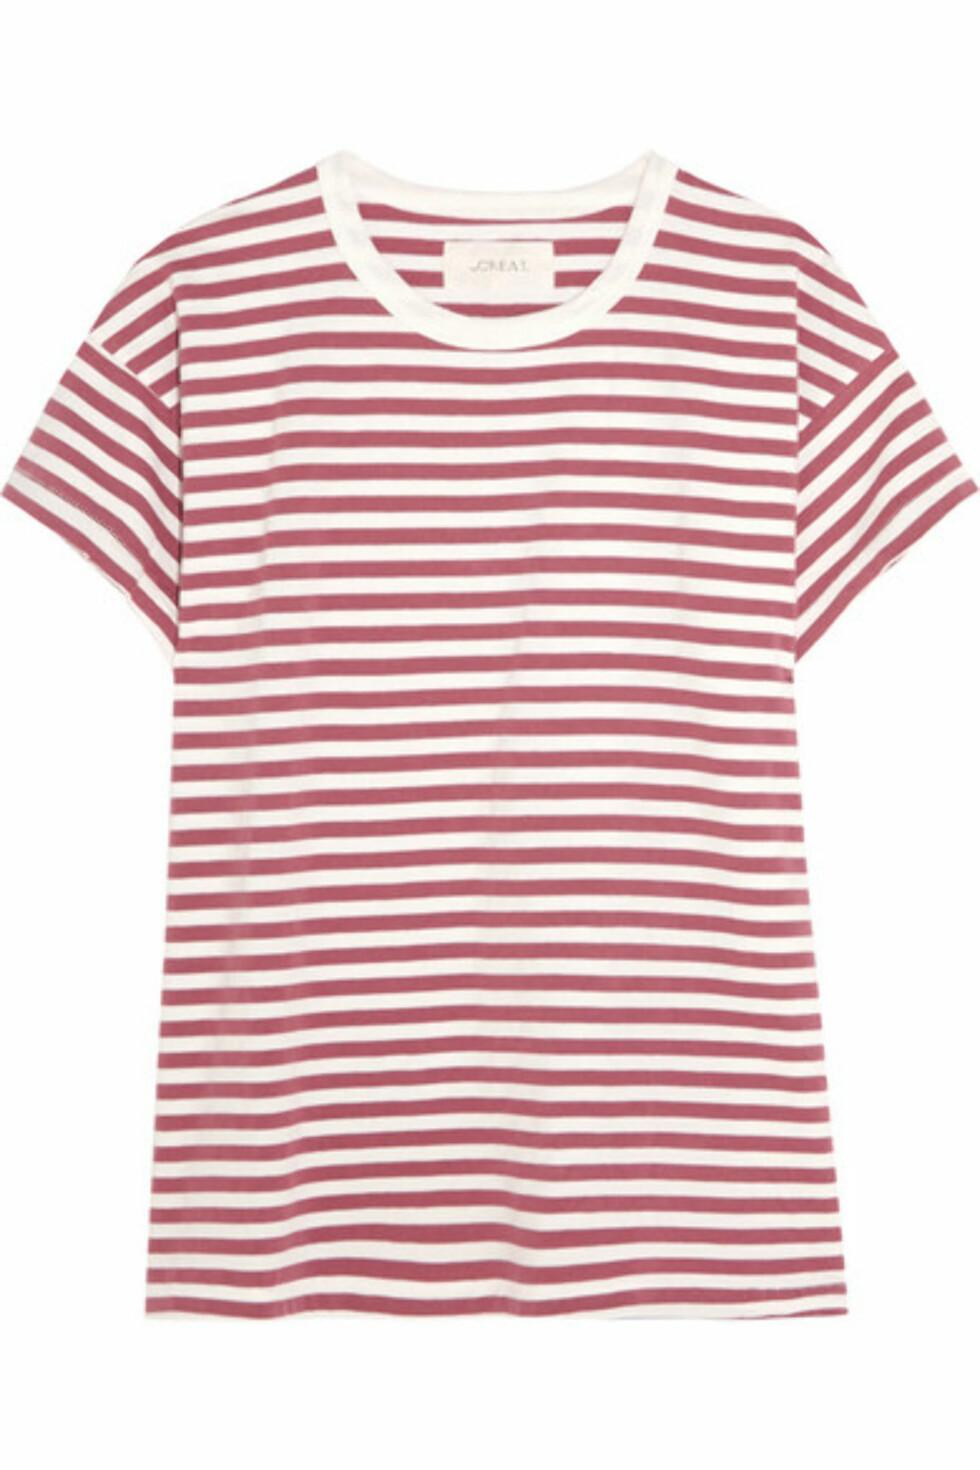 T-skjorte fra The Great via Net-a-porter.com | ca. kr 1000 | Foto: Produsenten